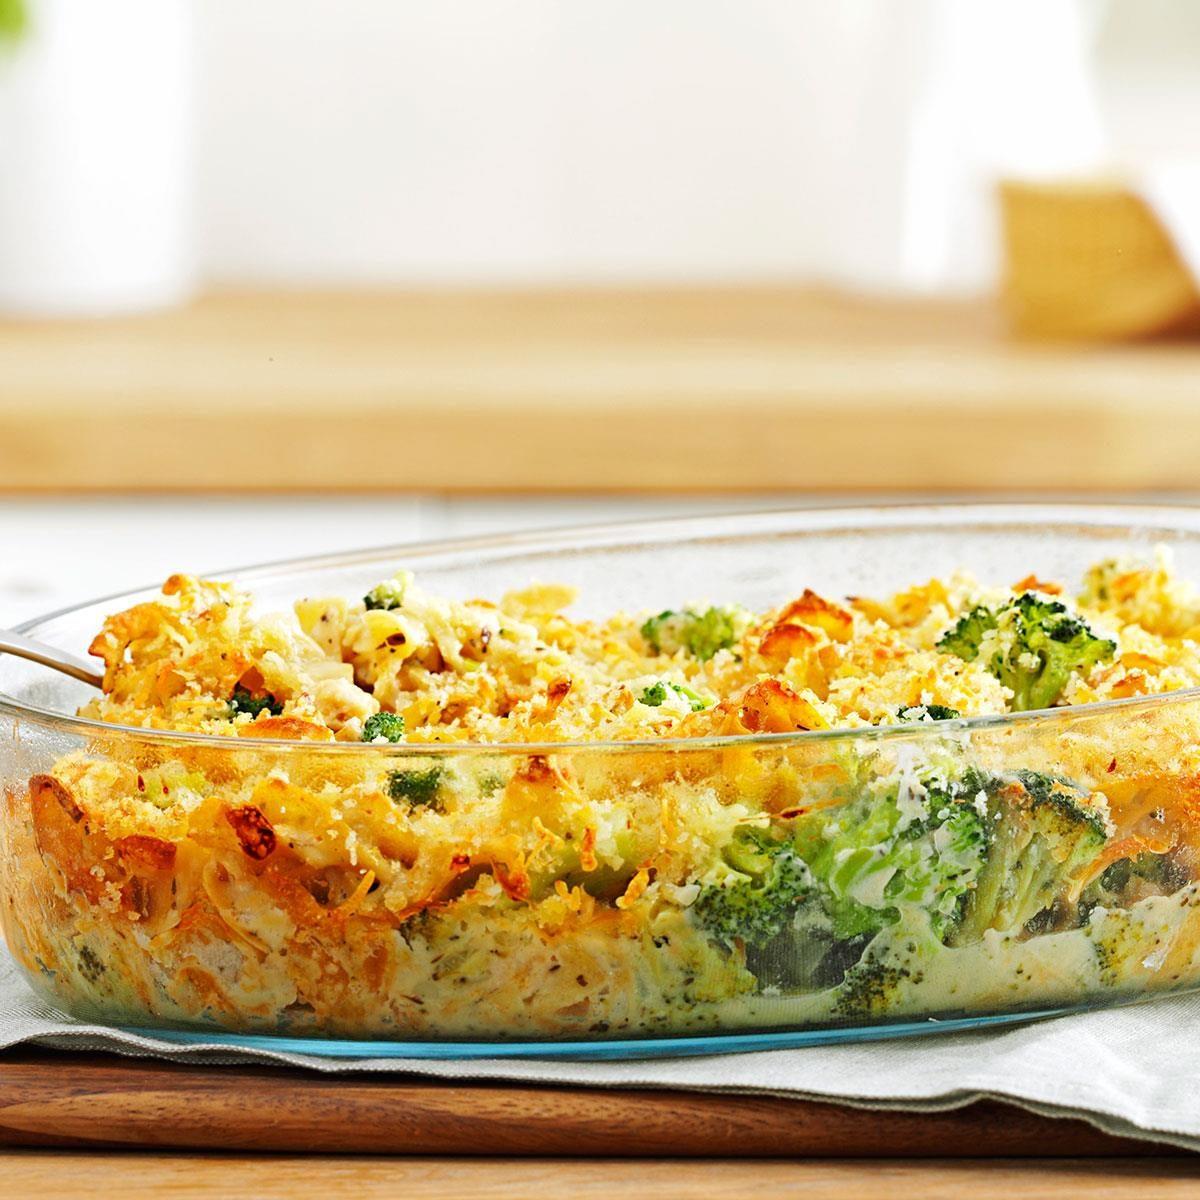 Broccoli tuna casserole recipe taste of home for How to make tuna fish casserole